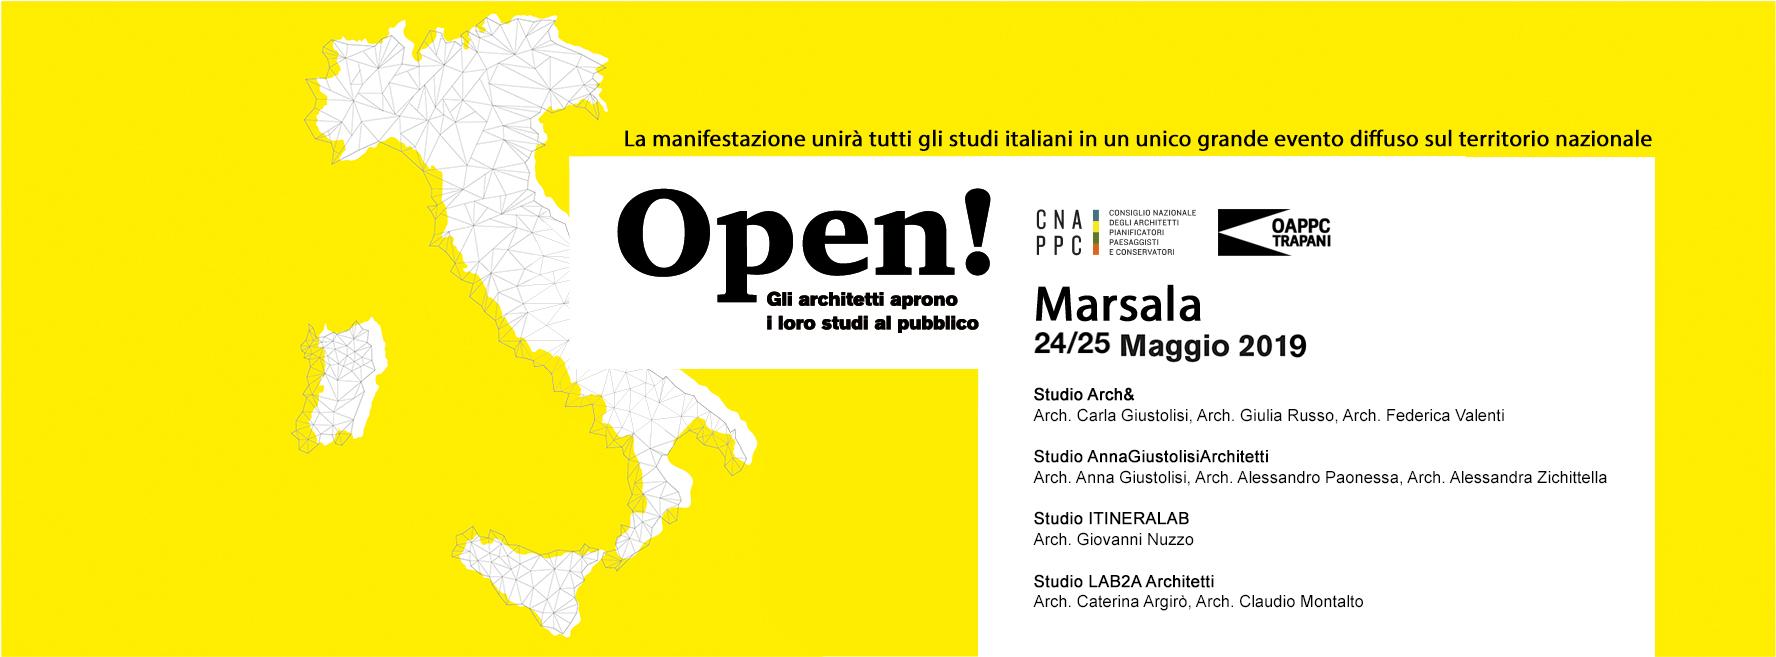 Studi Aperti, per l'evento nazionale anche gli architetti di Marsala aprono le porte